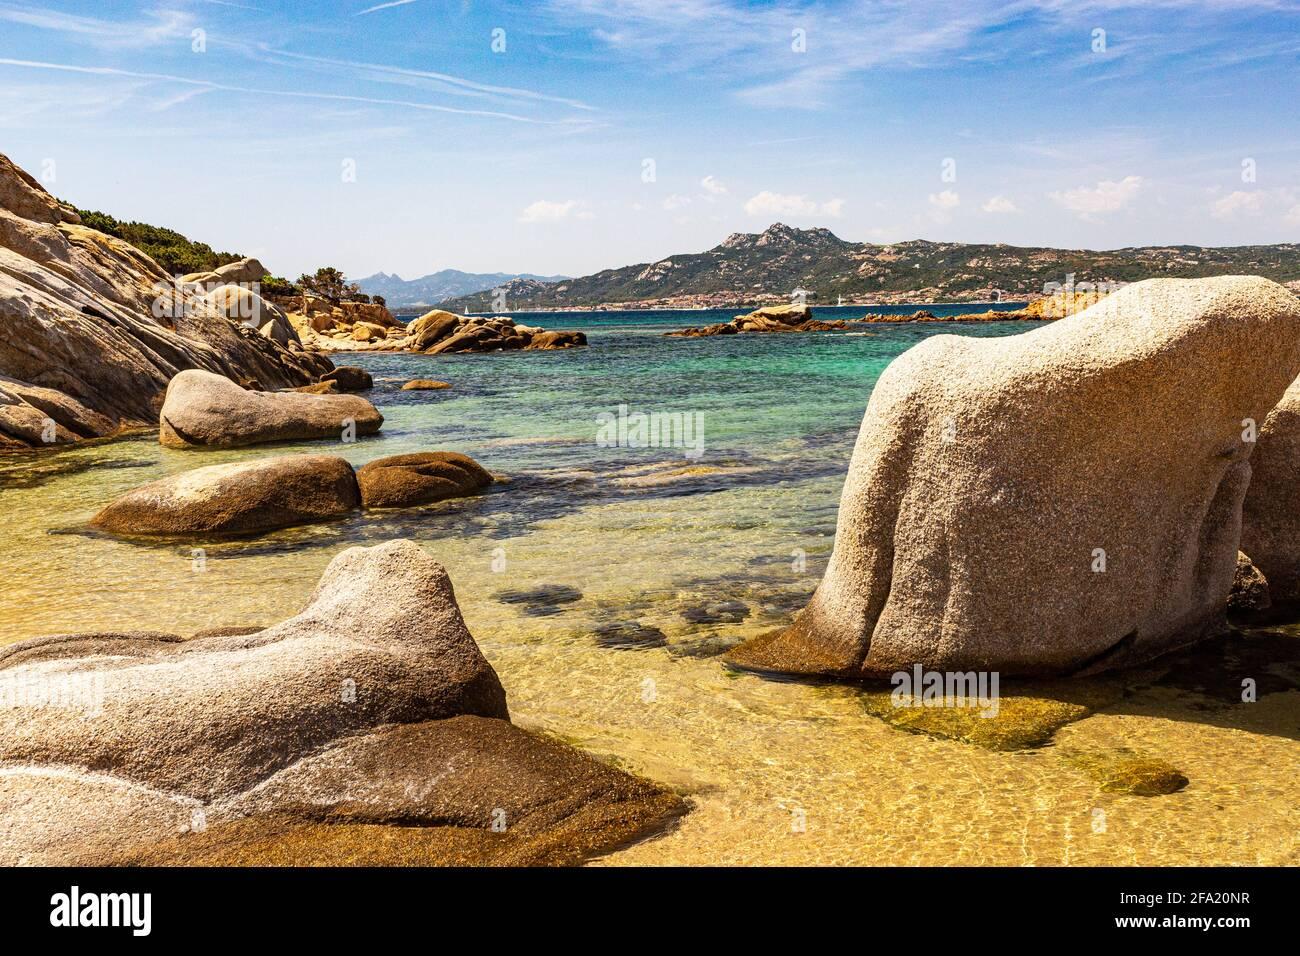 Weather Sculpted Rocks, Golfo di Arzachena, Clear Mediterranean ...